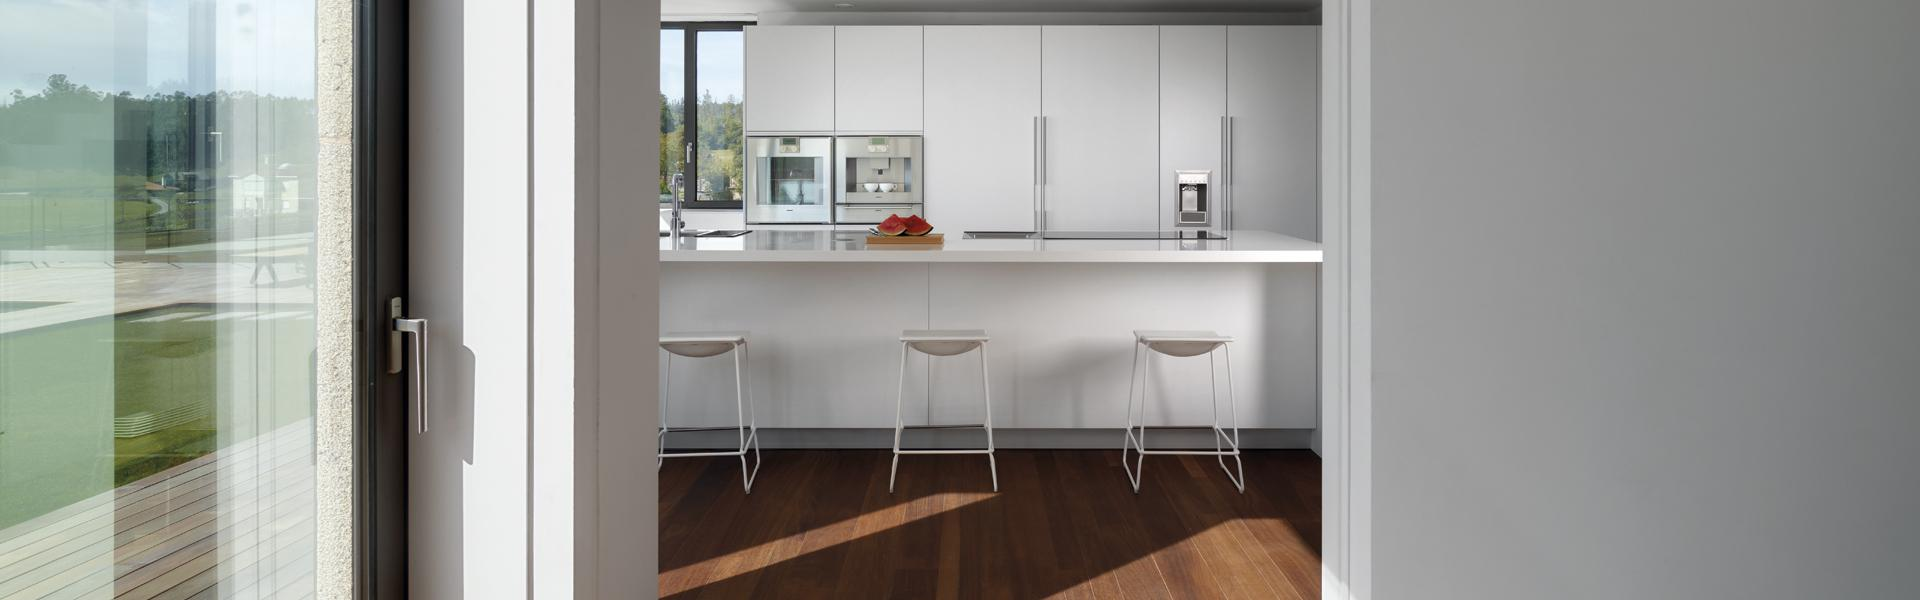 Consejos Para Elegir Los Muebles De Cocina 10decoracion # Muebles Laminados